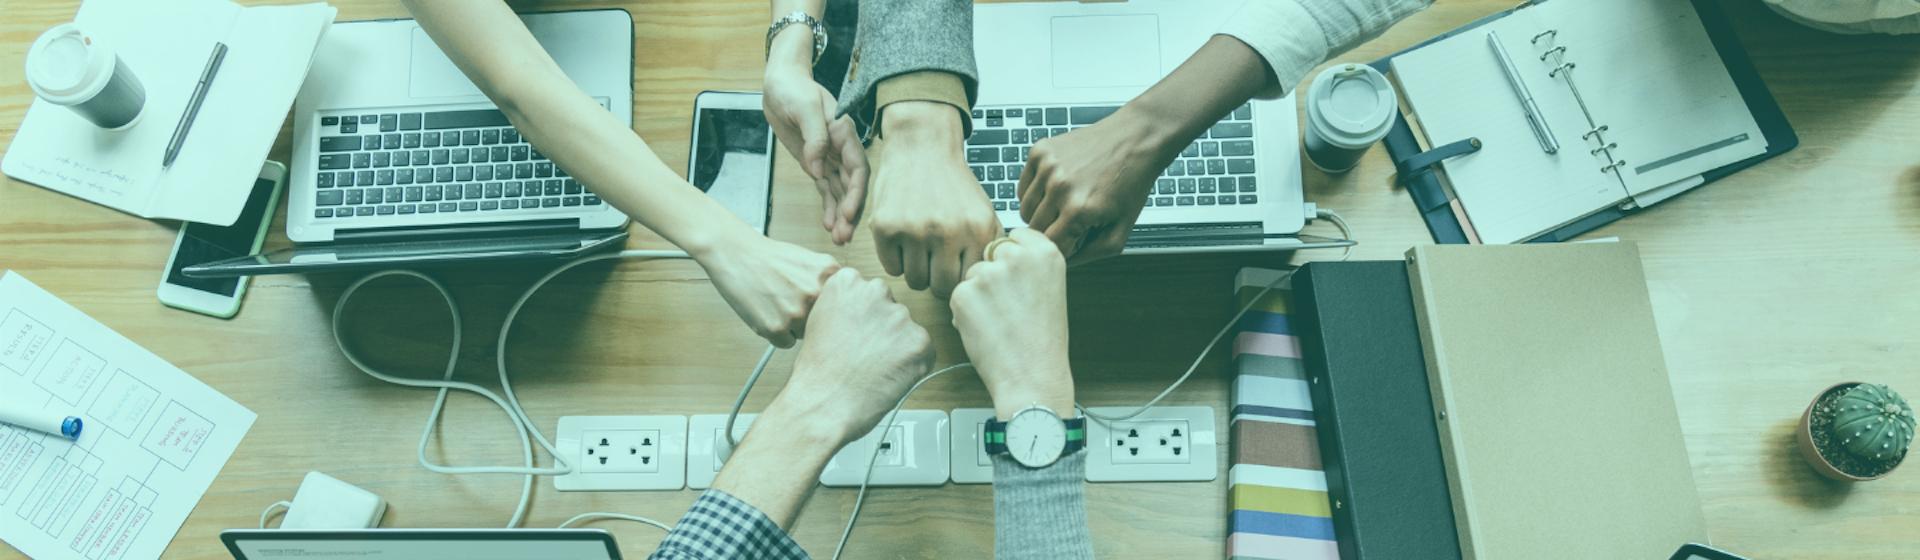 5 ideas para fortalecer el trabajo colaborativo y sacar lo mejor de tu equipo